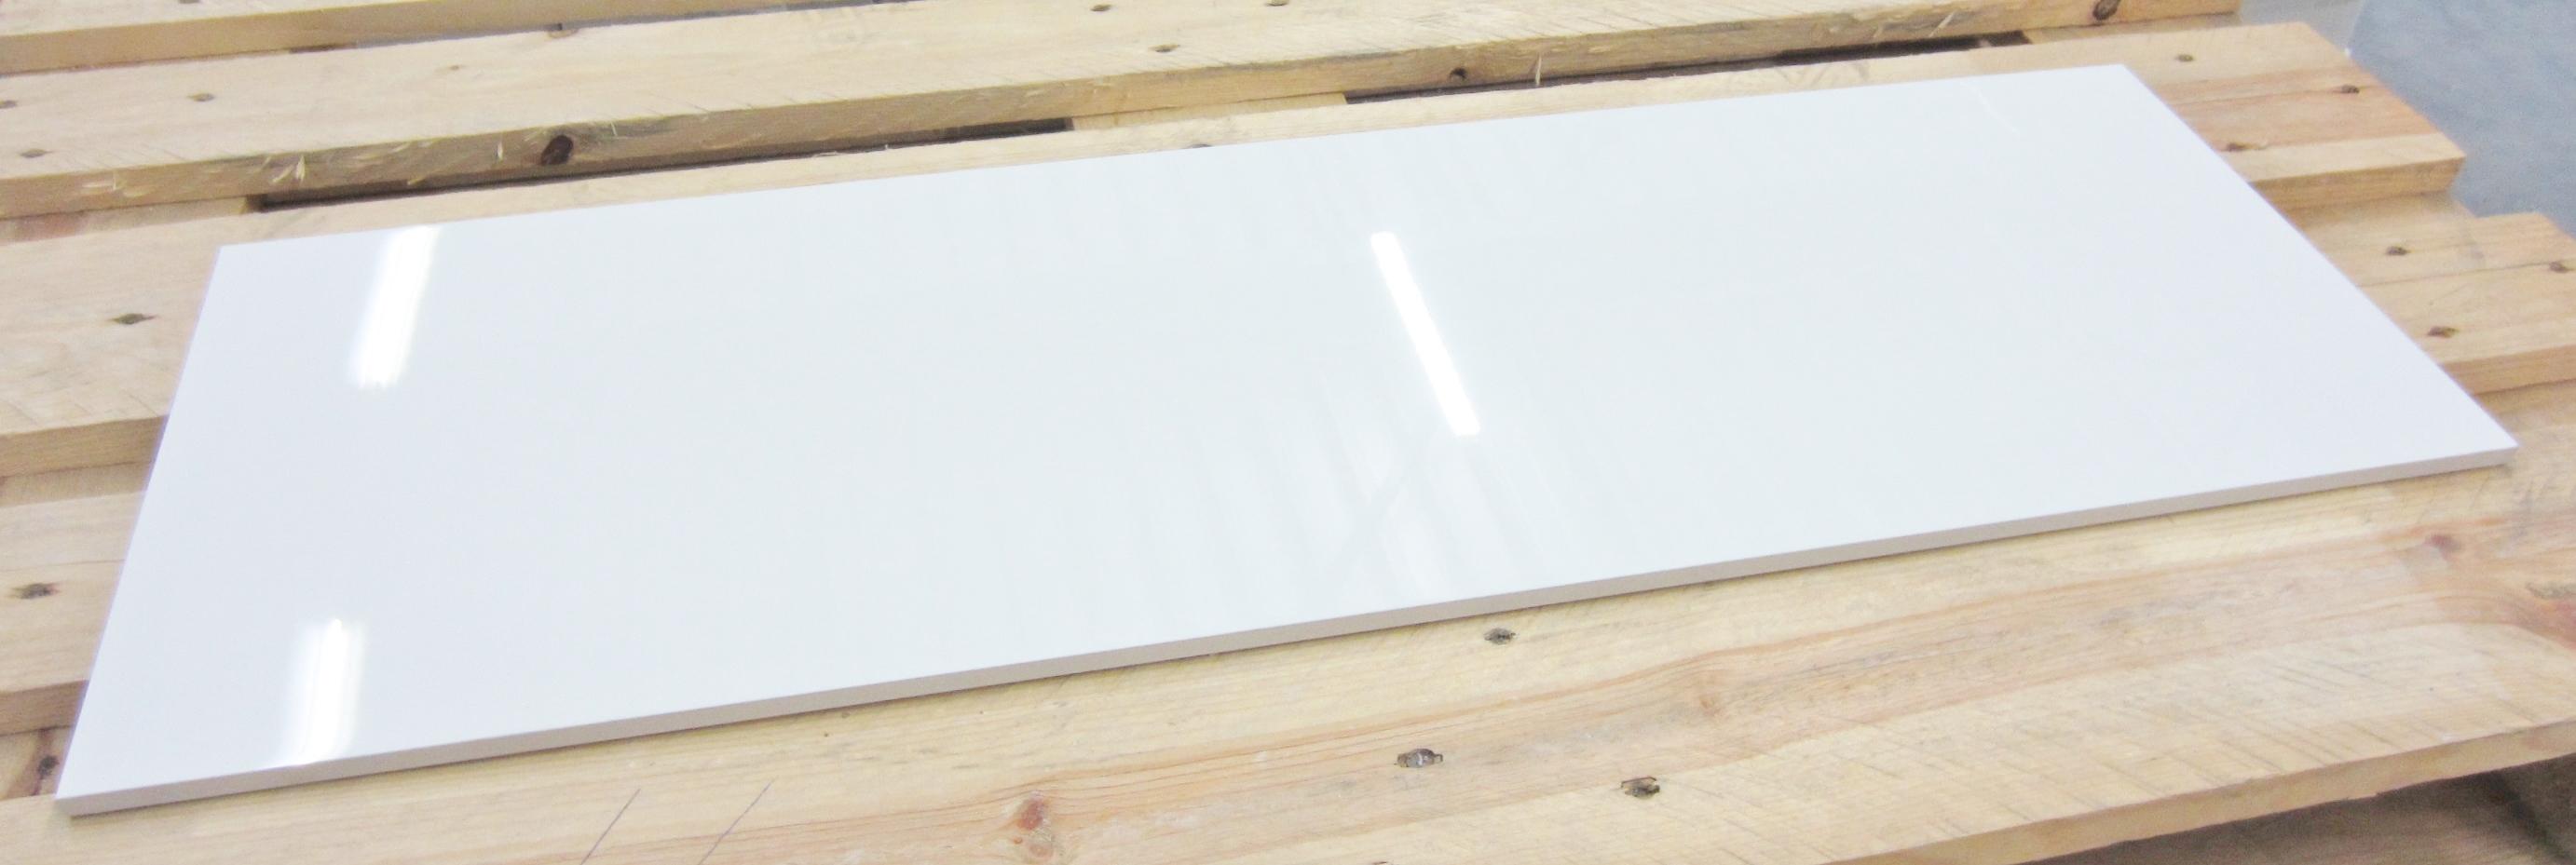 Terrastegels 30 X 40.Wit Glans 40 X 120 Webshop Vloertegeloutlet Nl